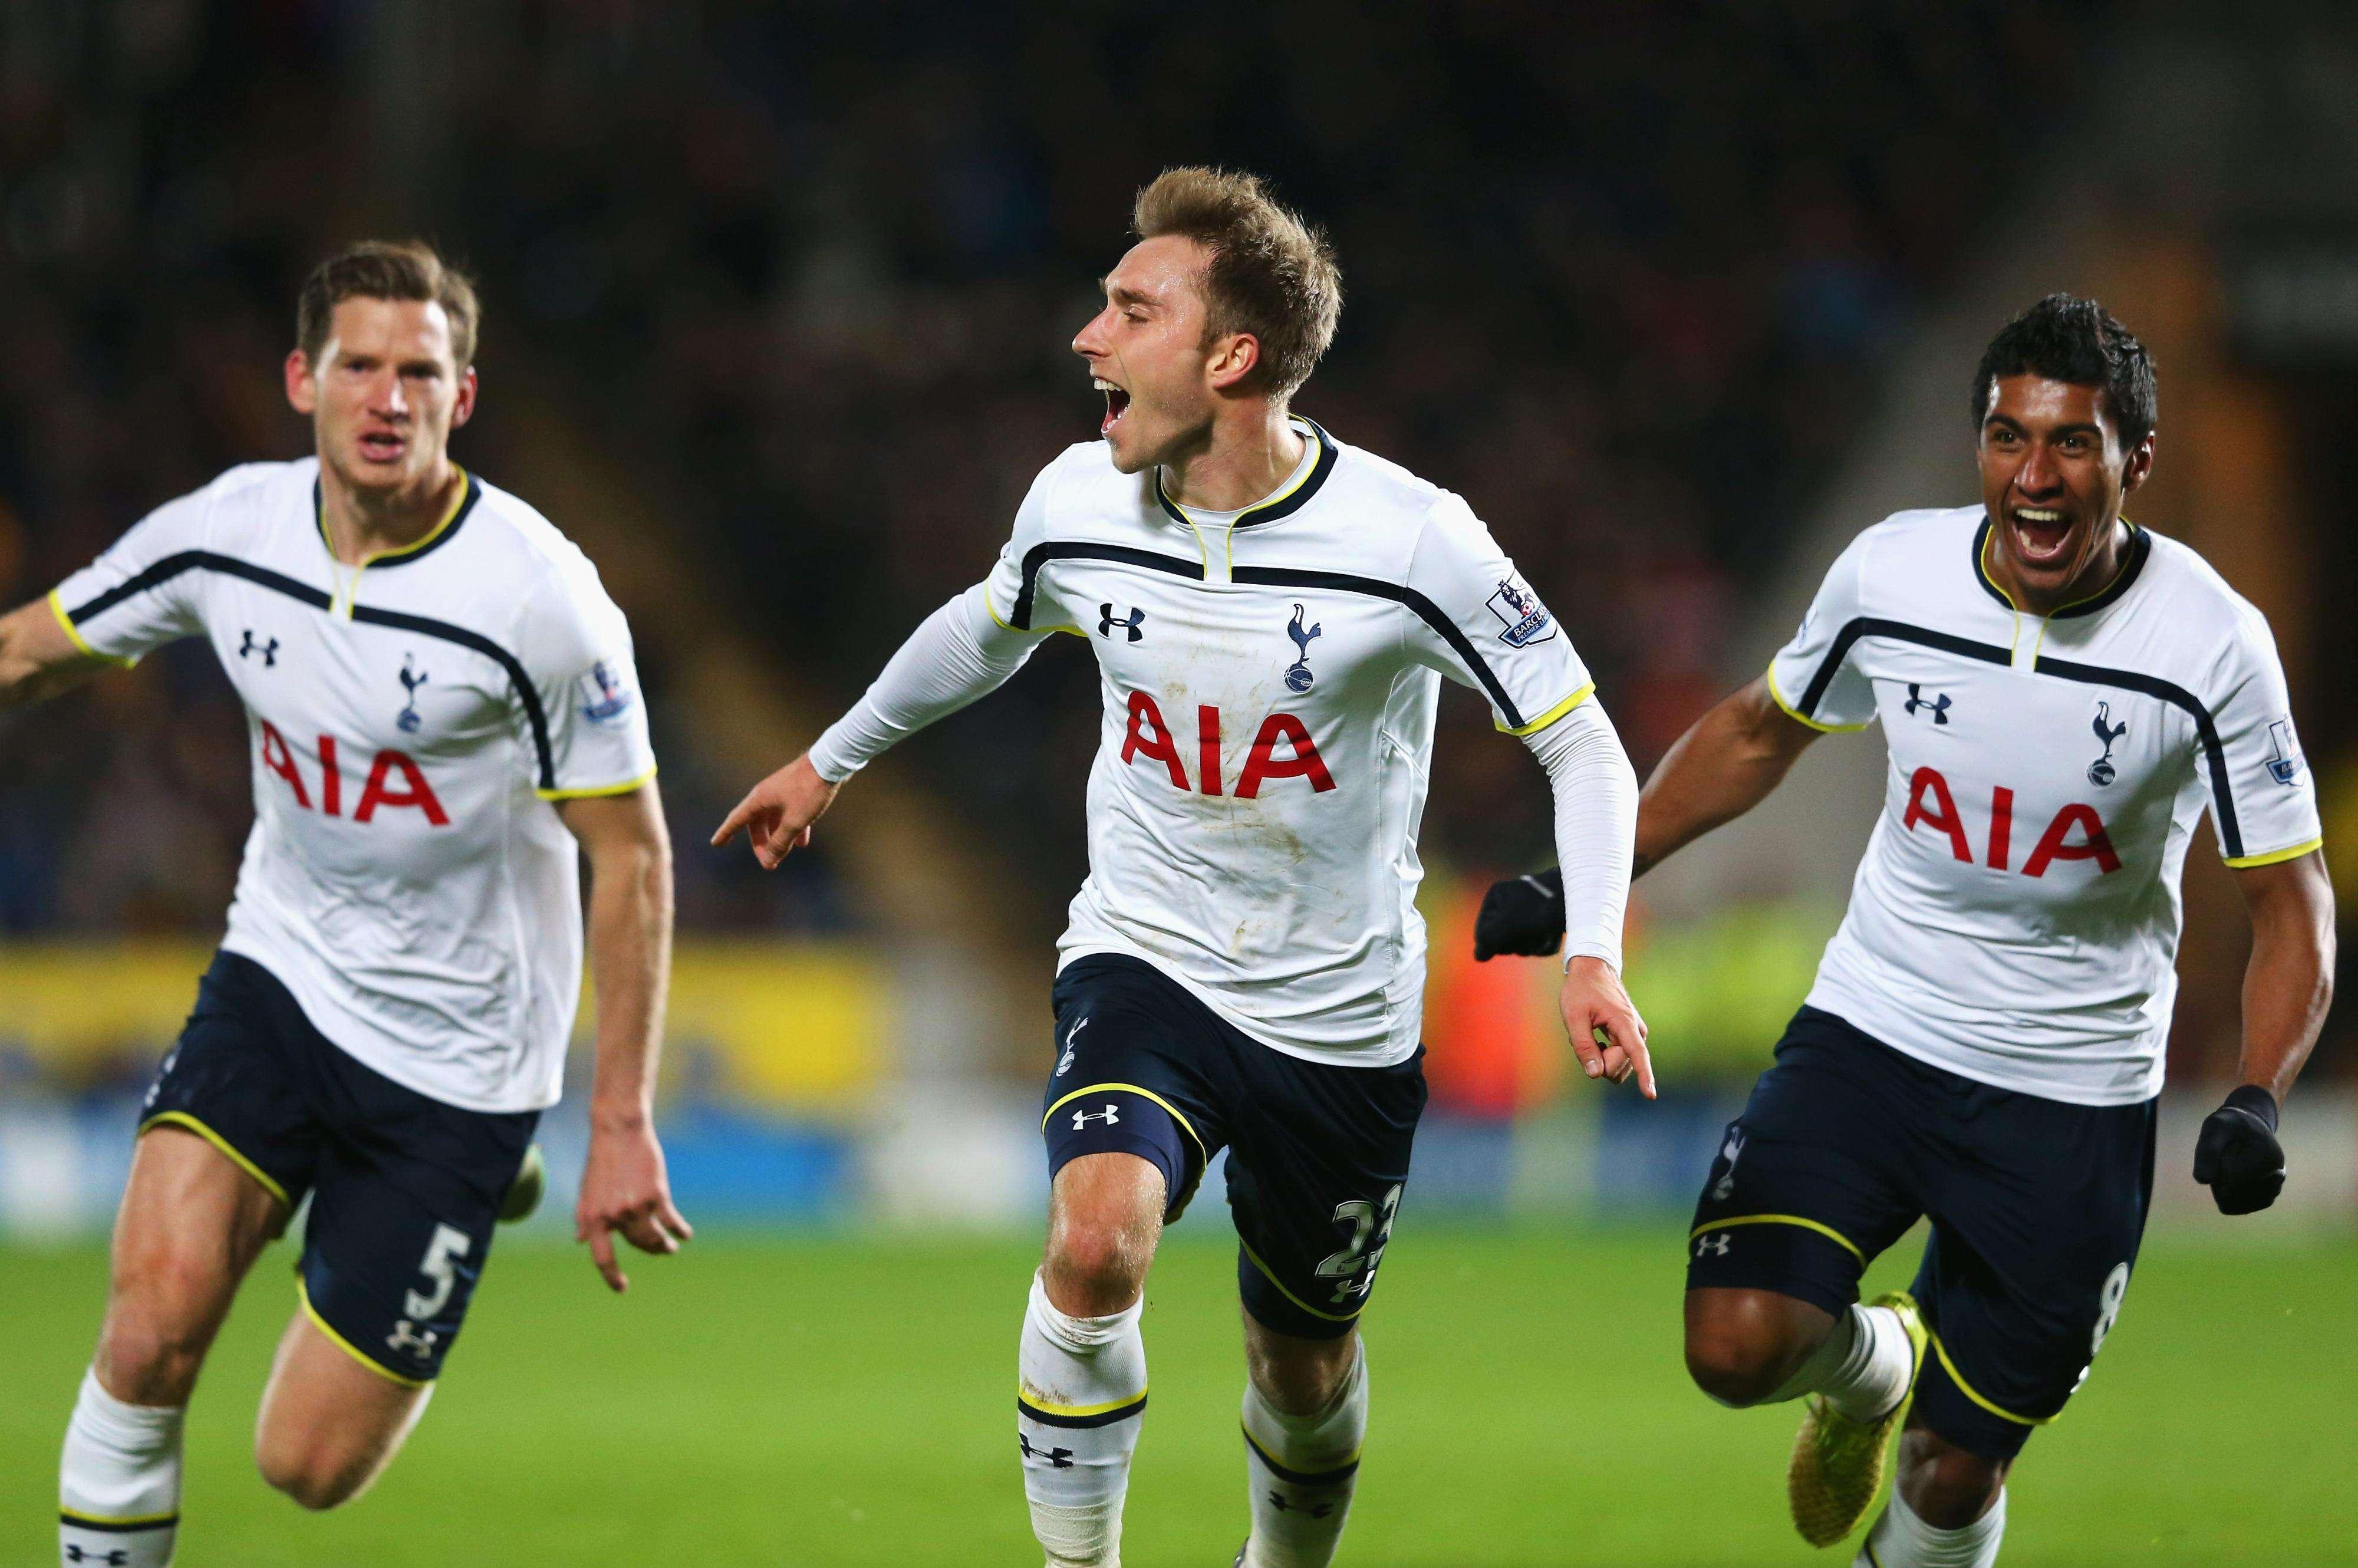 Tottanham ganhou com gol no último minuto Foto: Alex Livesey/Getty Images